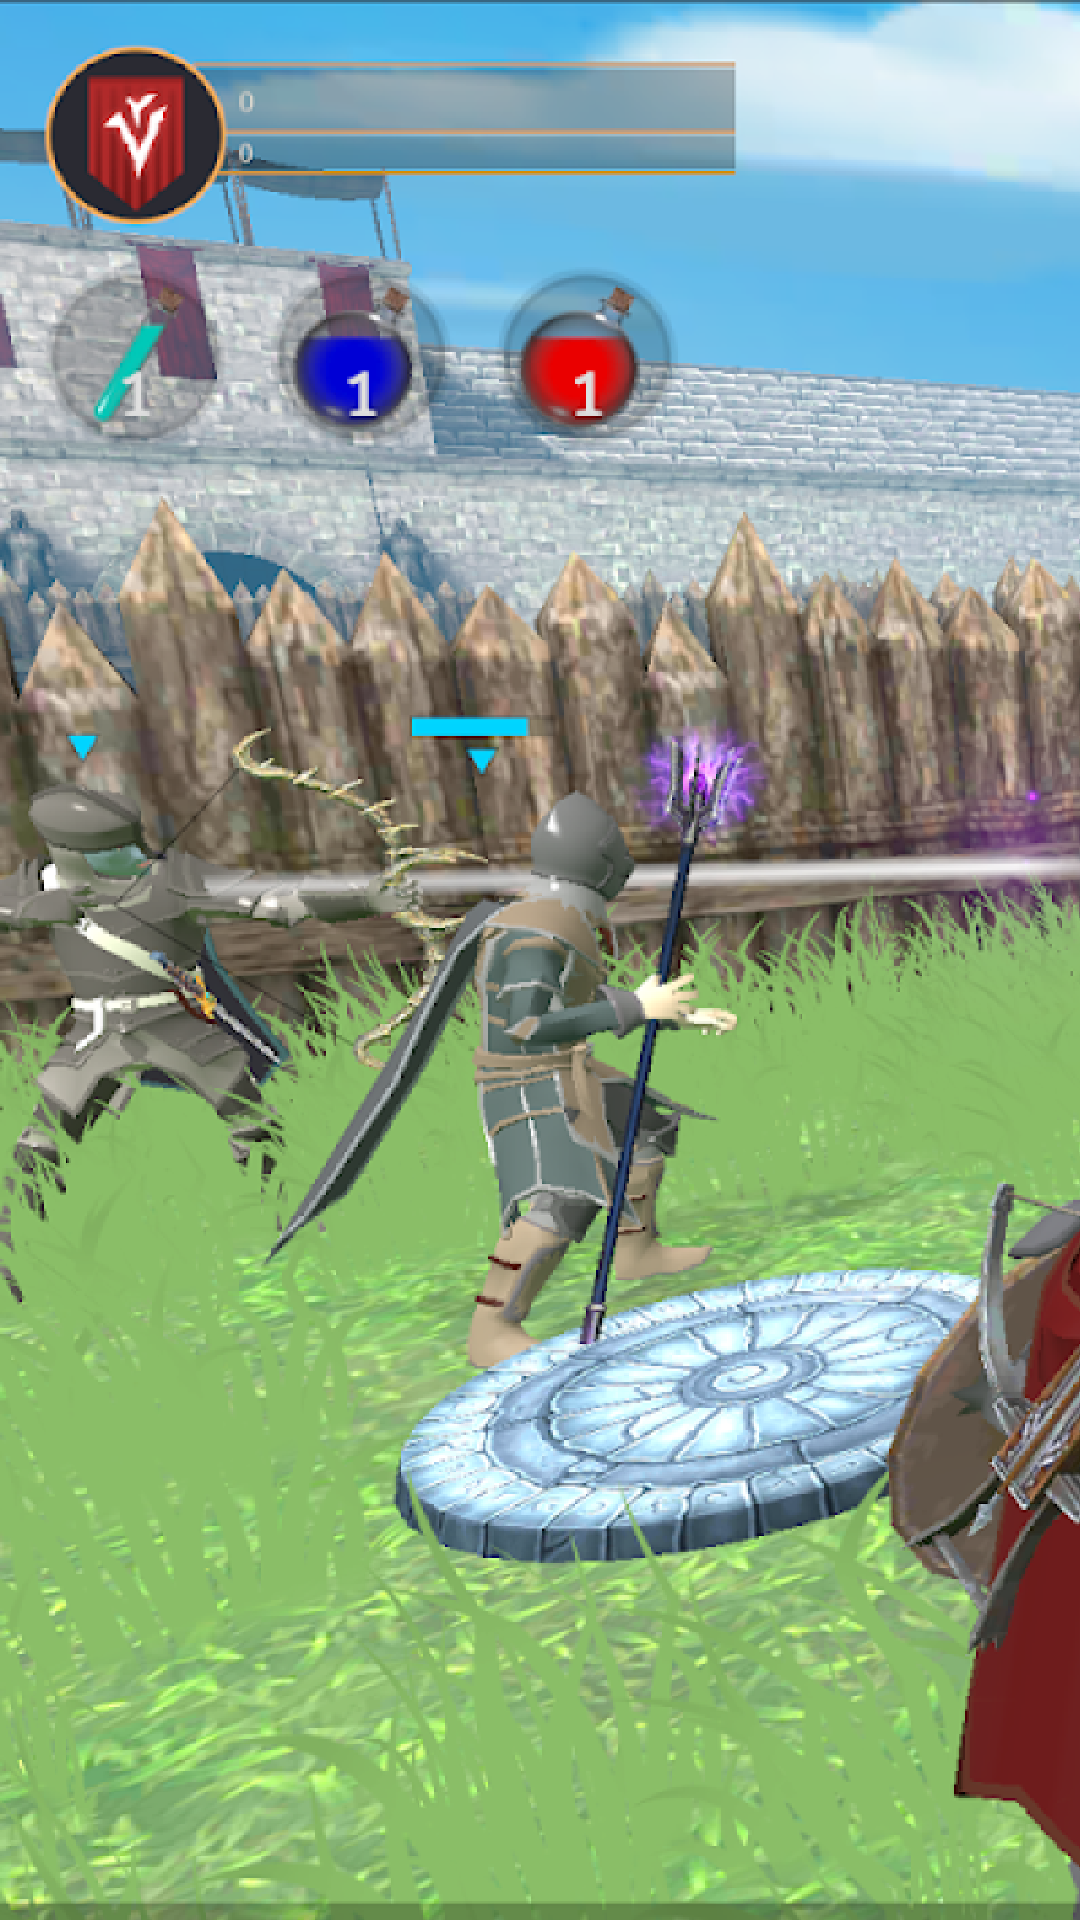 战斗魔法:法术与剑安卓版 战斗魔法:法术与剑最新0.21.64a破解版免费下载